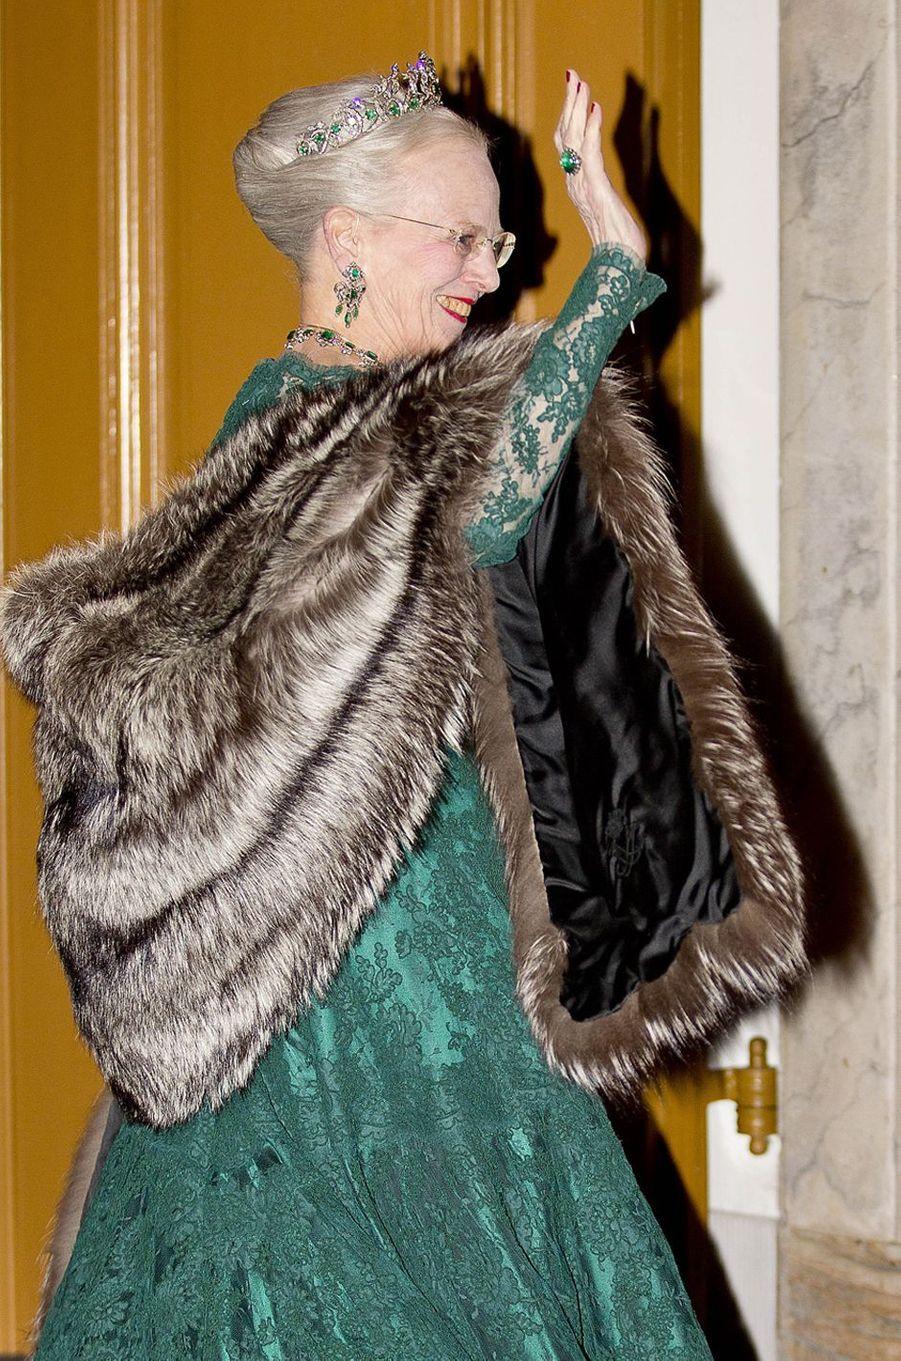 La reine Margrethe II de Danemark à Copenhague, le 1er janvier 2018